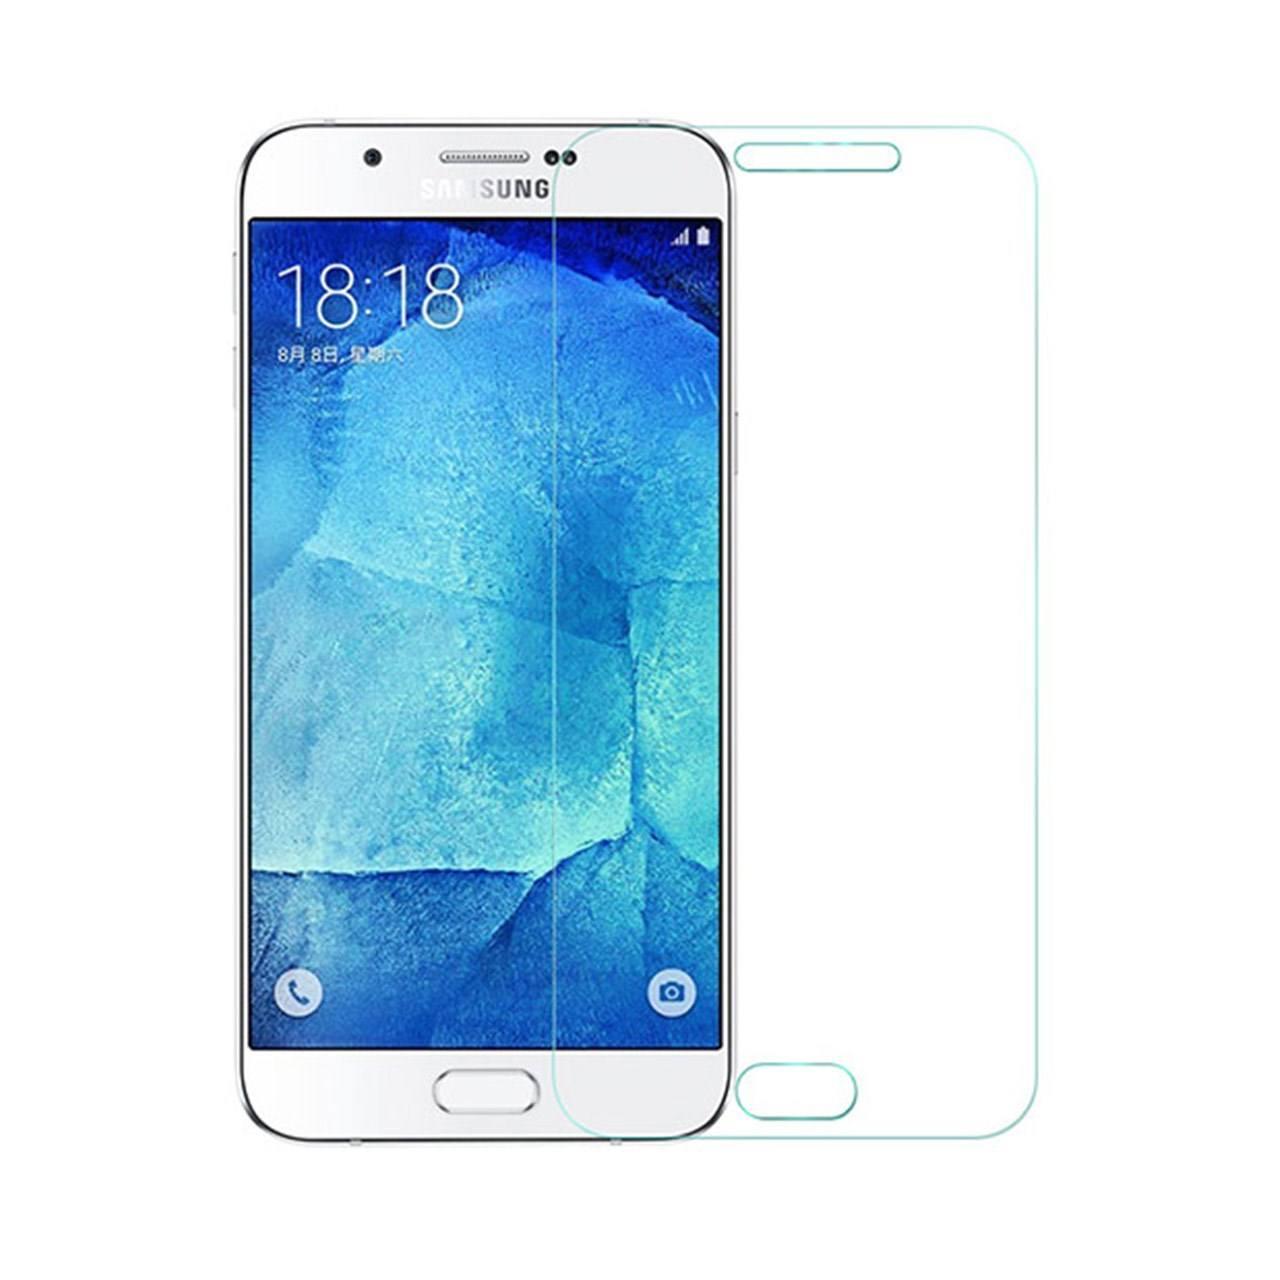 محافظ صفحه نمایش شیشه ای مدل Tempered مناسب برای گوشی موبایل سامسونگ Galaxy A8 2016